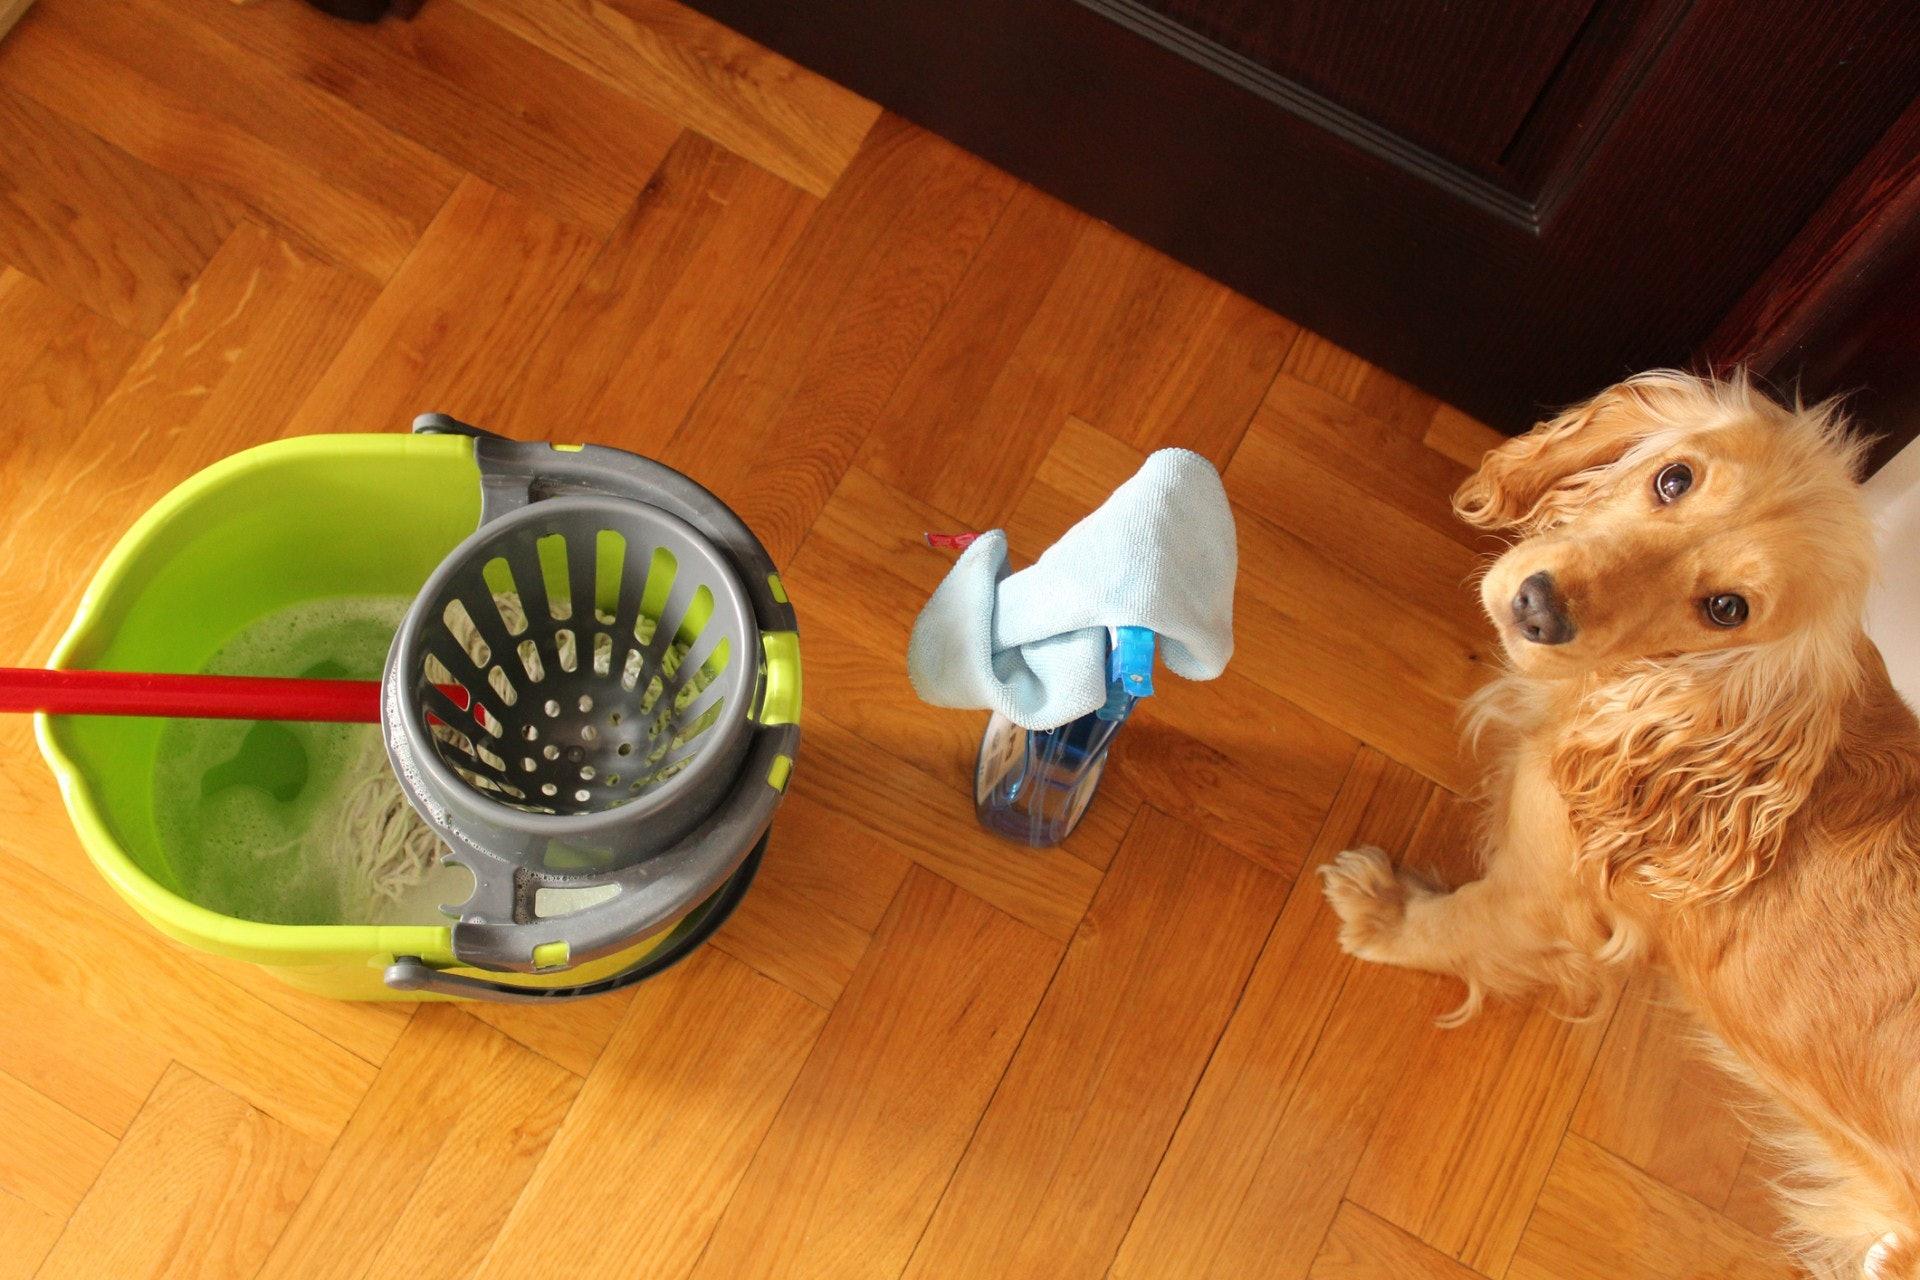 毛孩好奇心重,清潔時最好將毛孩關起來。(Getty Image)